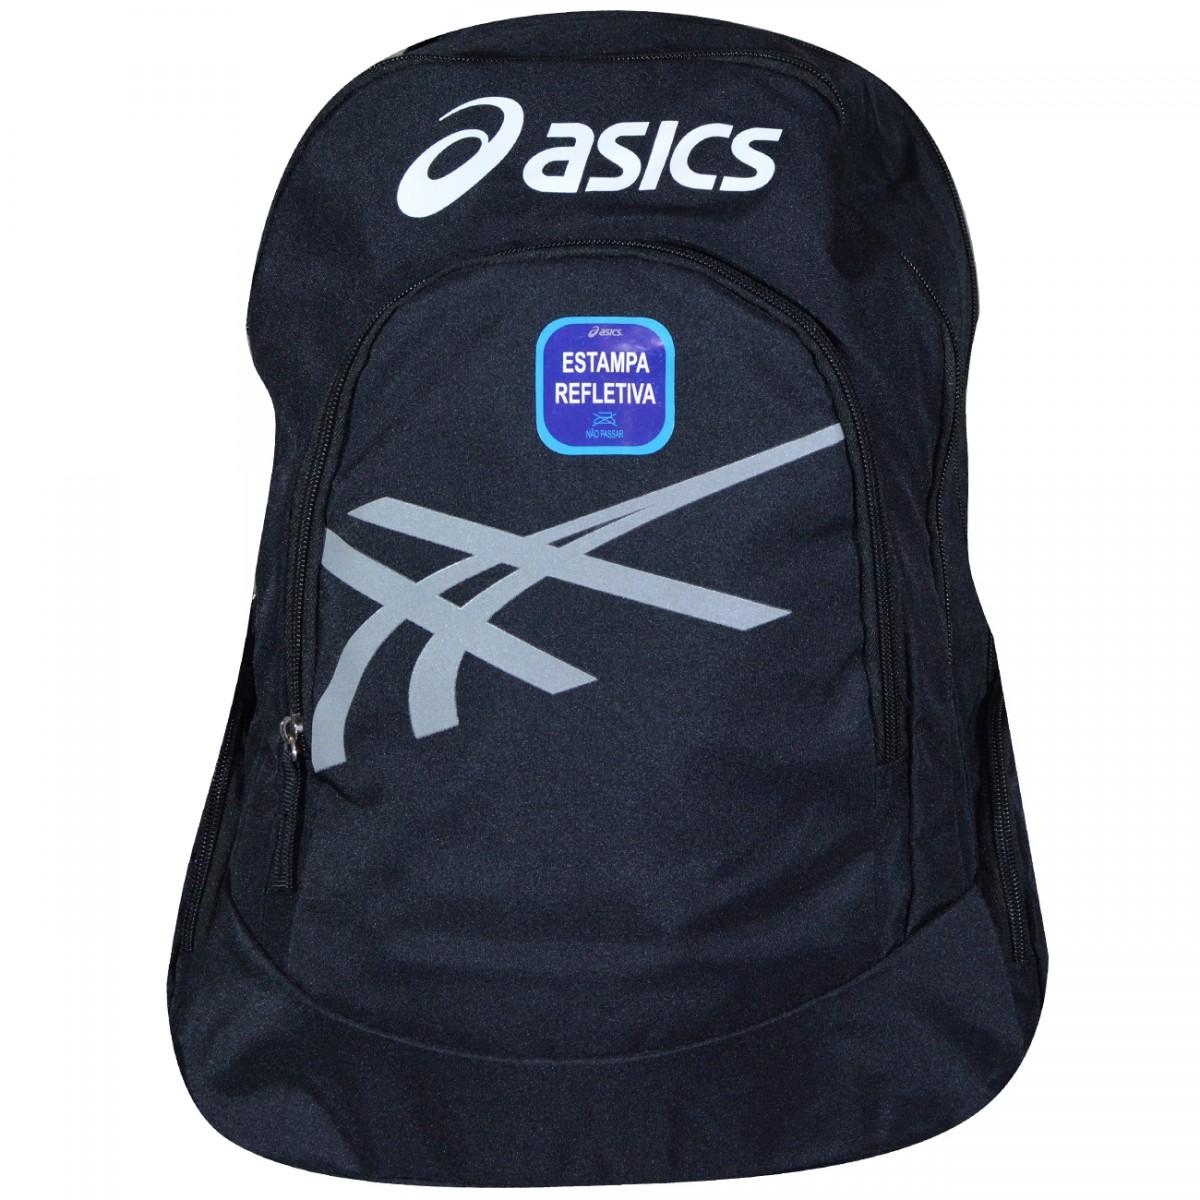 6ff1e0271 Mochila Asics ZRB2804 ZRB2804 90 - Preto/Prata - Chuteira Nike, Adidas.  Sandalias Femininas. Sandy Calçados